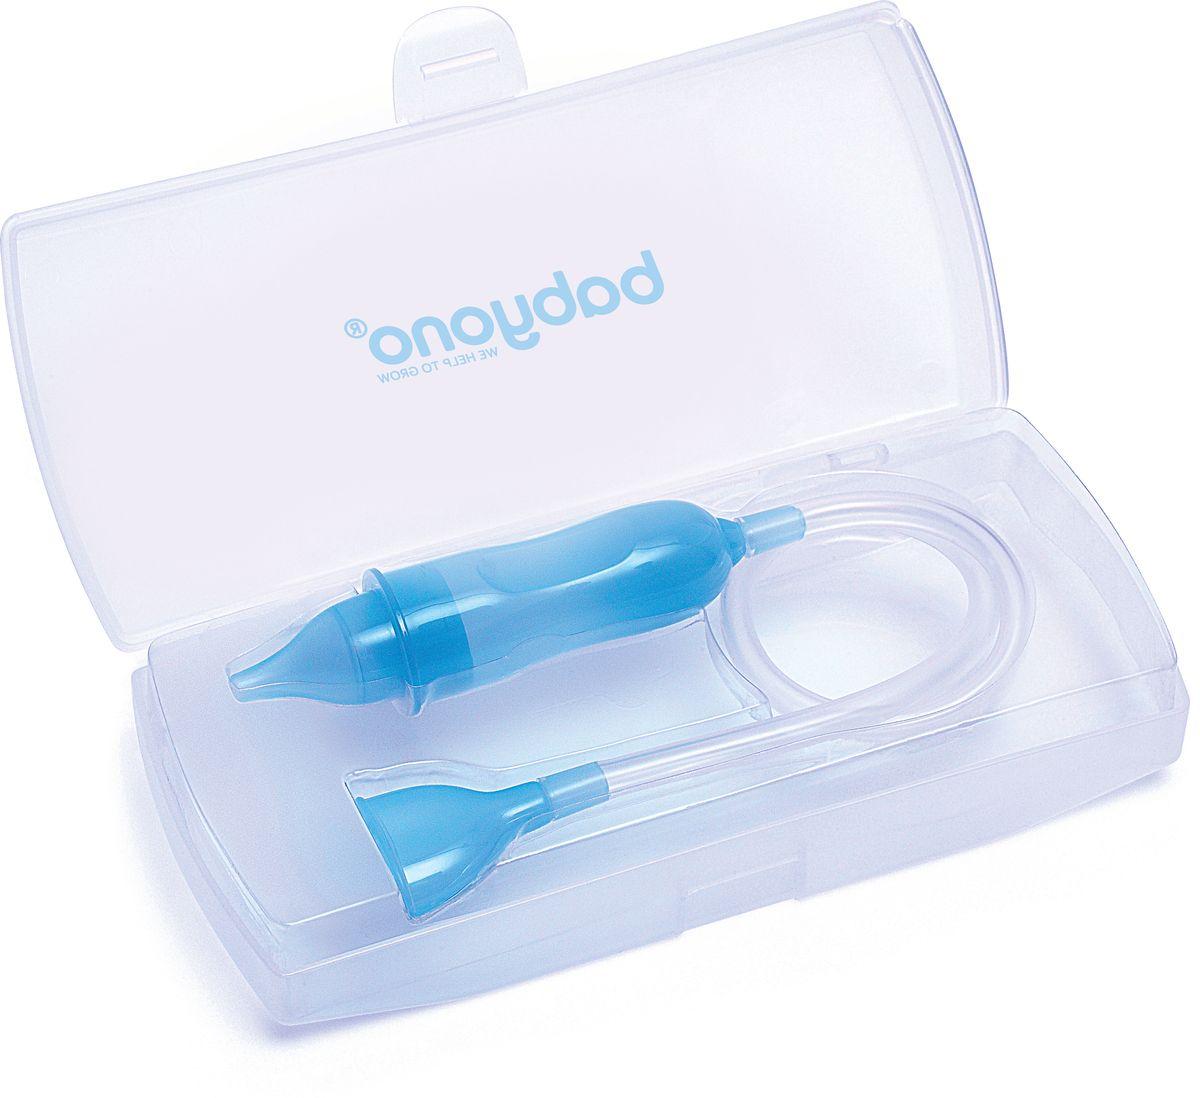 BabyOno Аспиратор цвет голубой -  Уход и здоровье